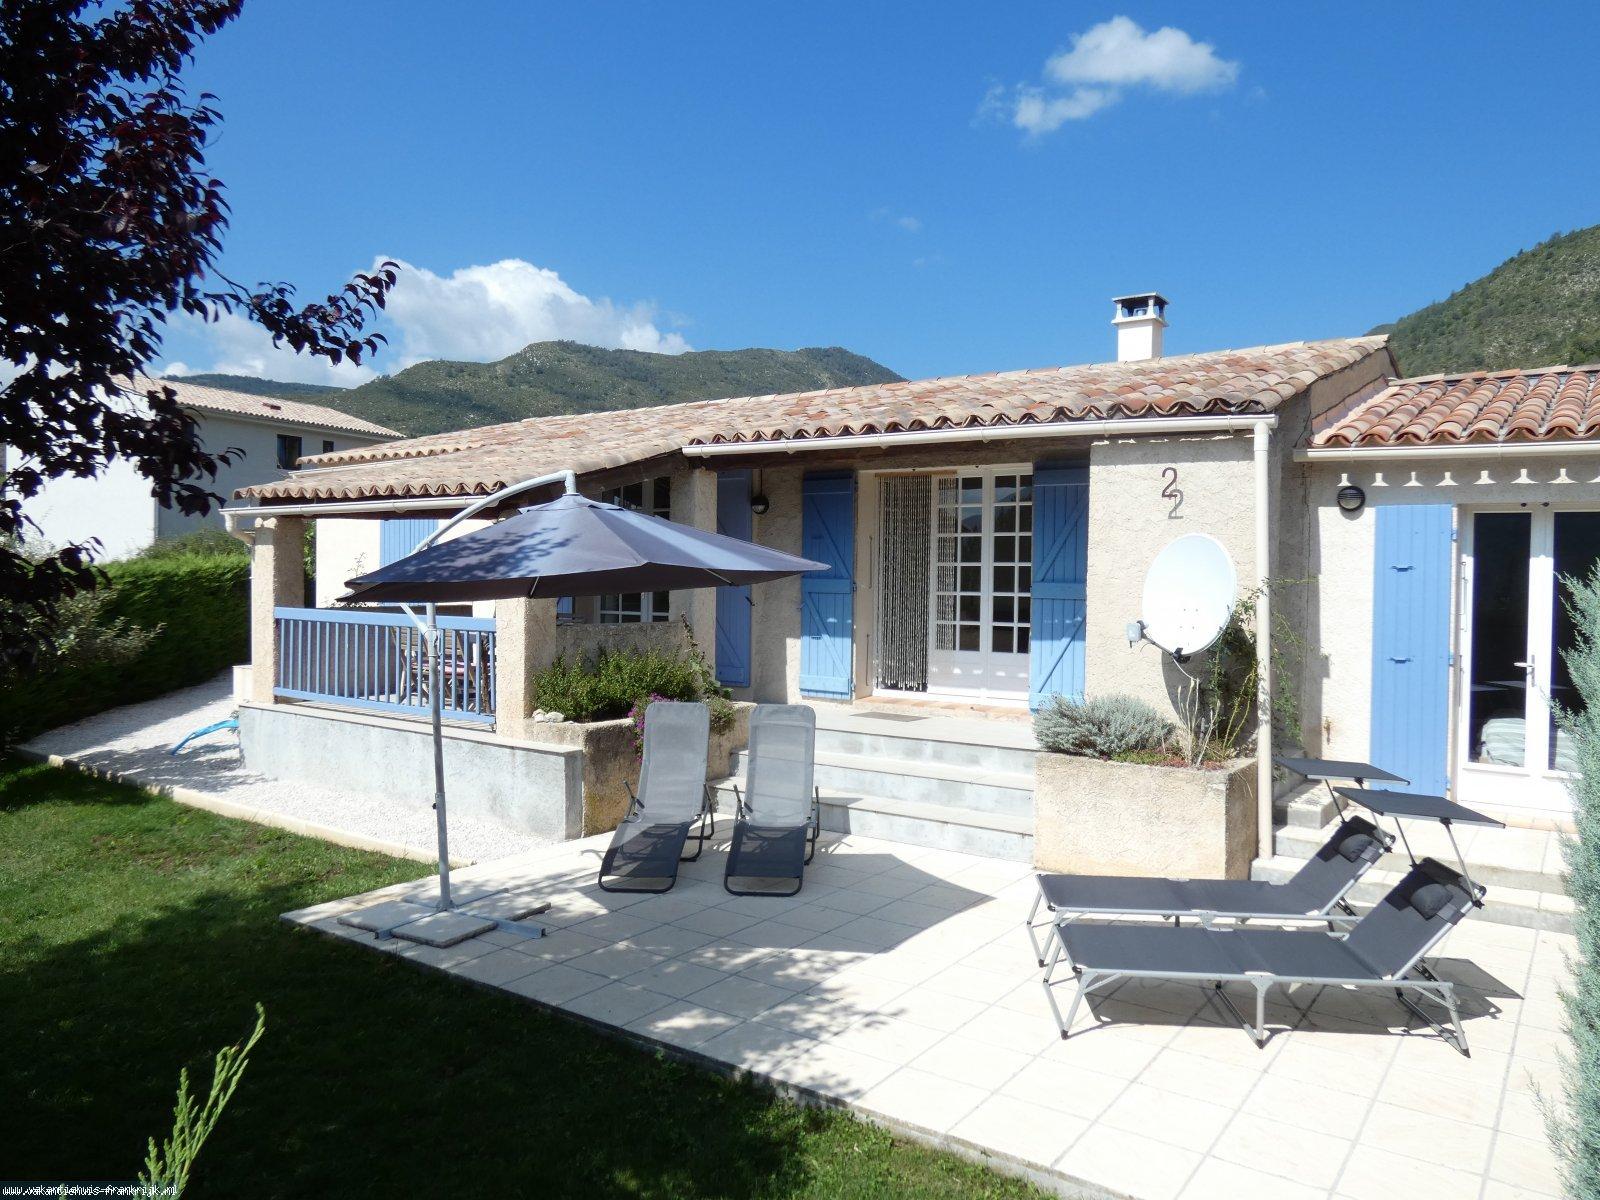 Vakantiehuis: Vakantiewoning met privé tuin en schitterend uitzicht te huur voor uw vakantie in Alpen de Haute Provence (Frankrijk)